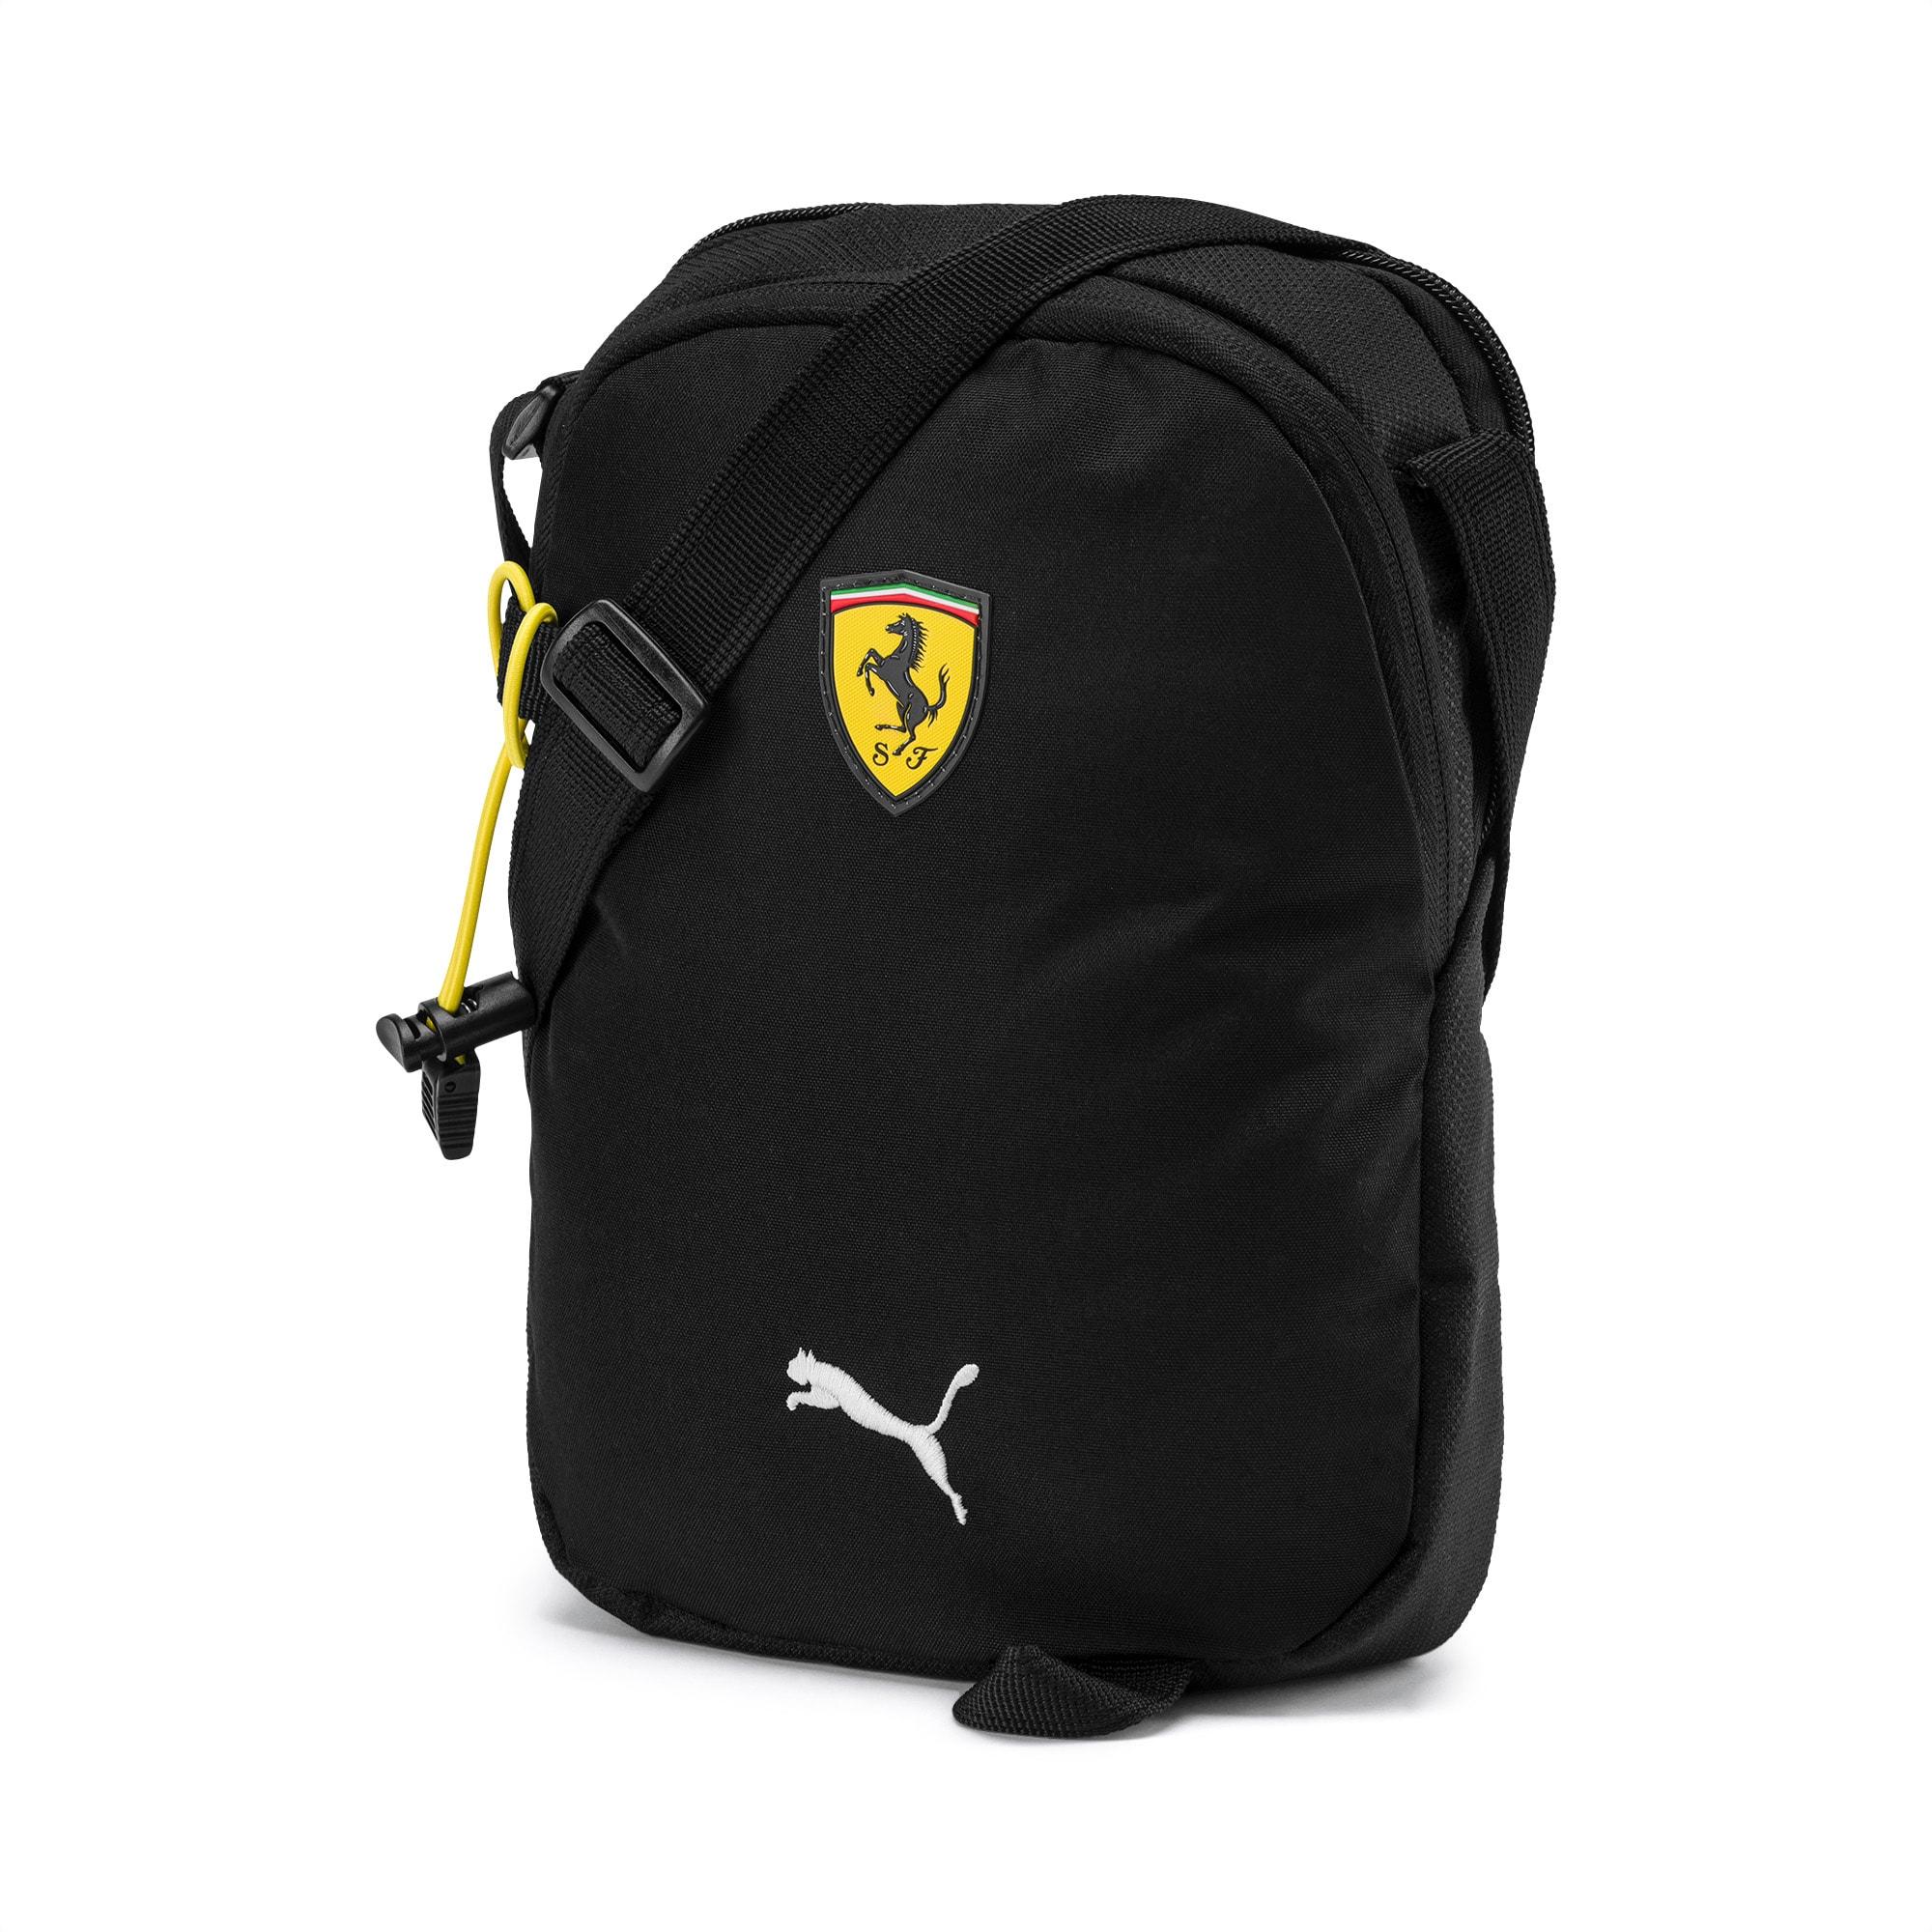 Puma X Ferrari Fanware Portable Shoulder Bag Puma Scuderia Ferrari Puma Germany